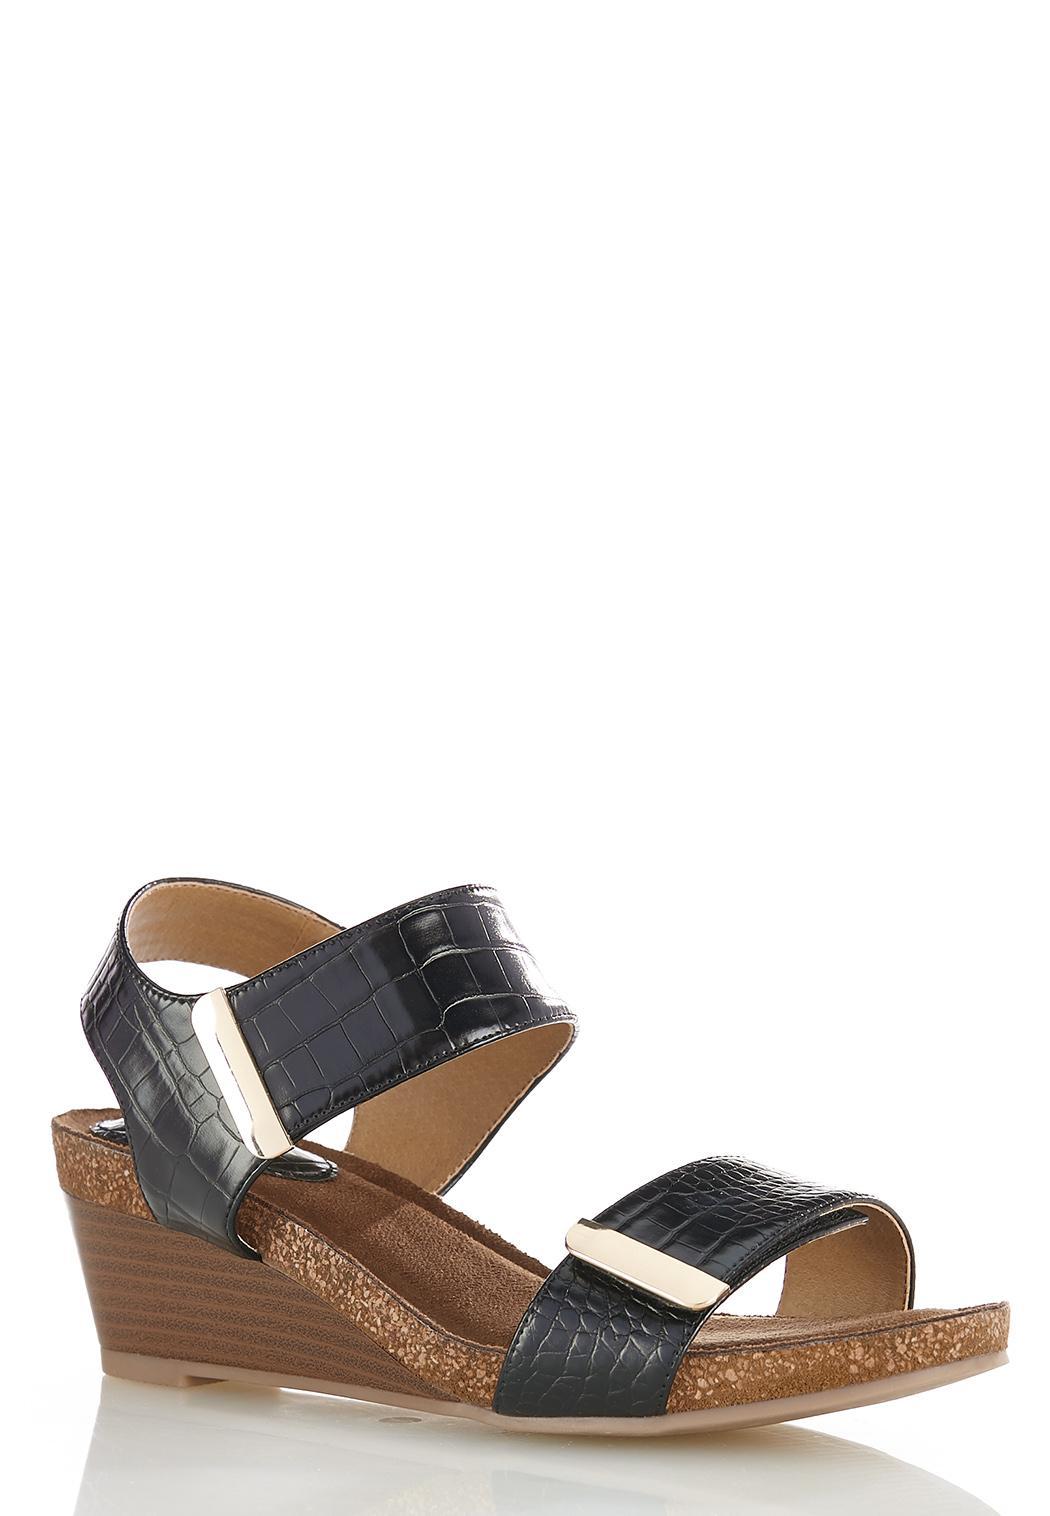 Croc Comfort Wedges